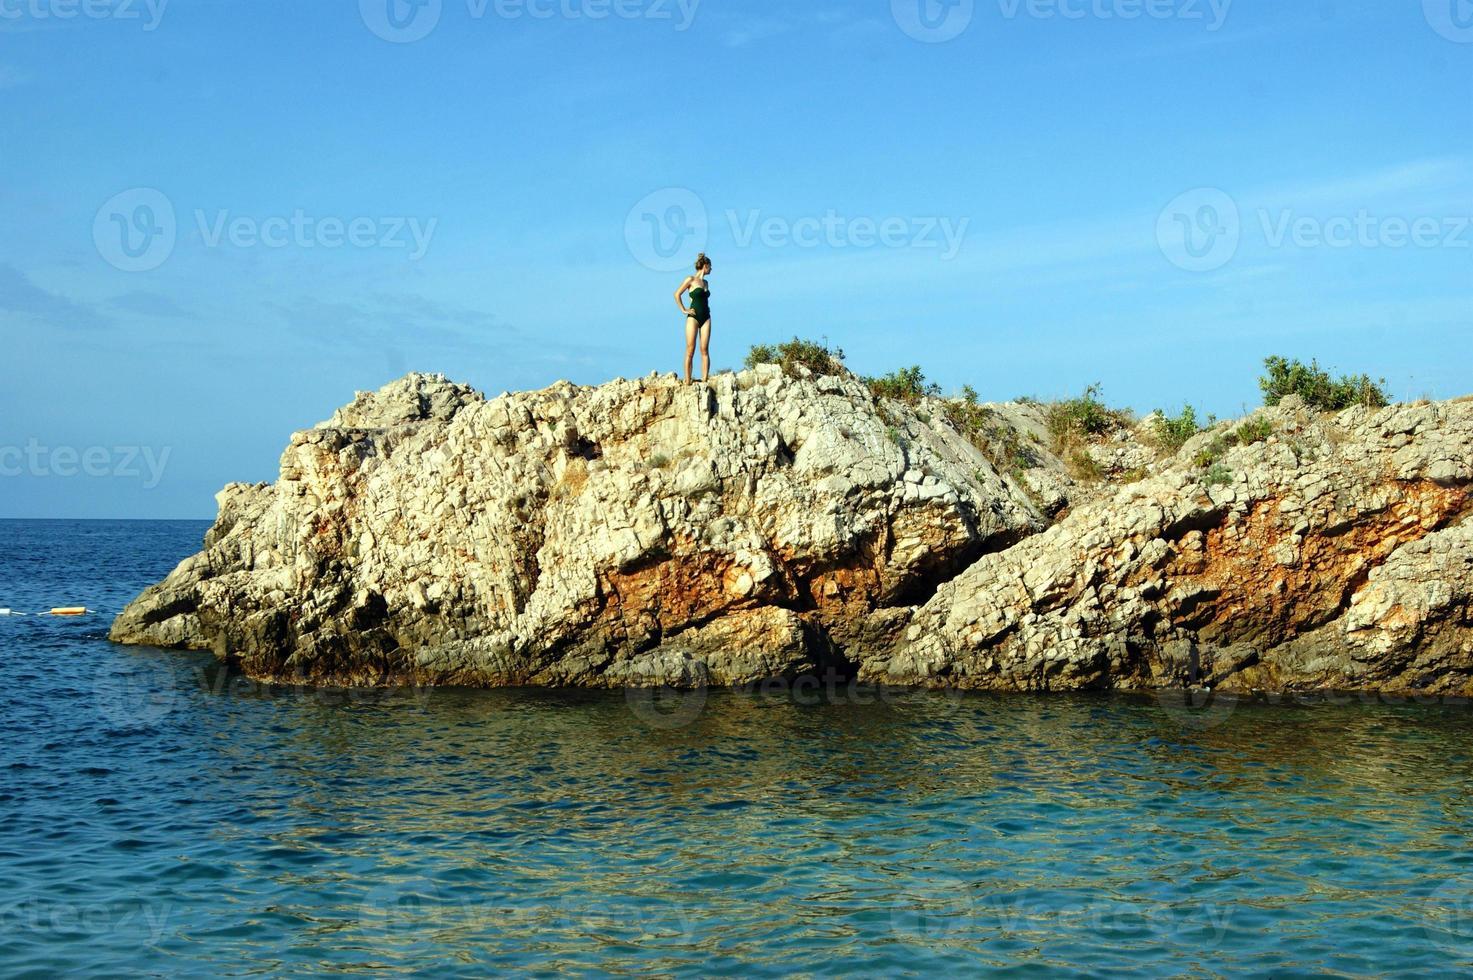 la isla rocosa en el mar adriático foto